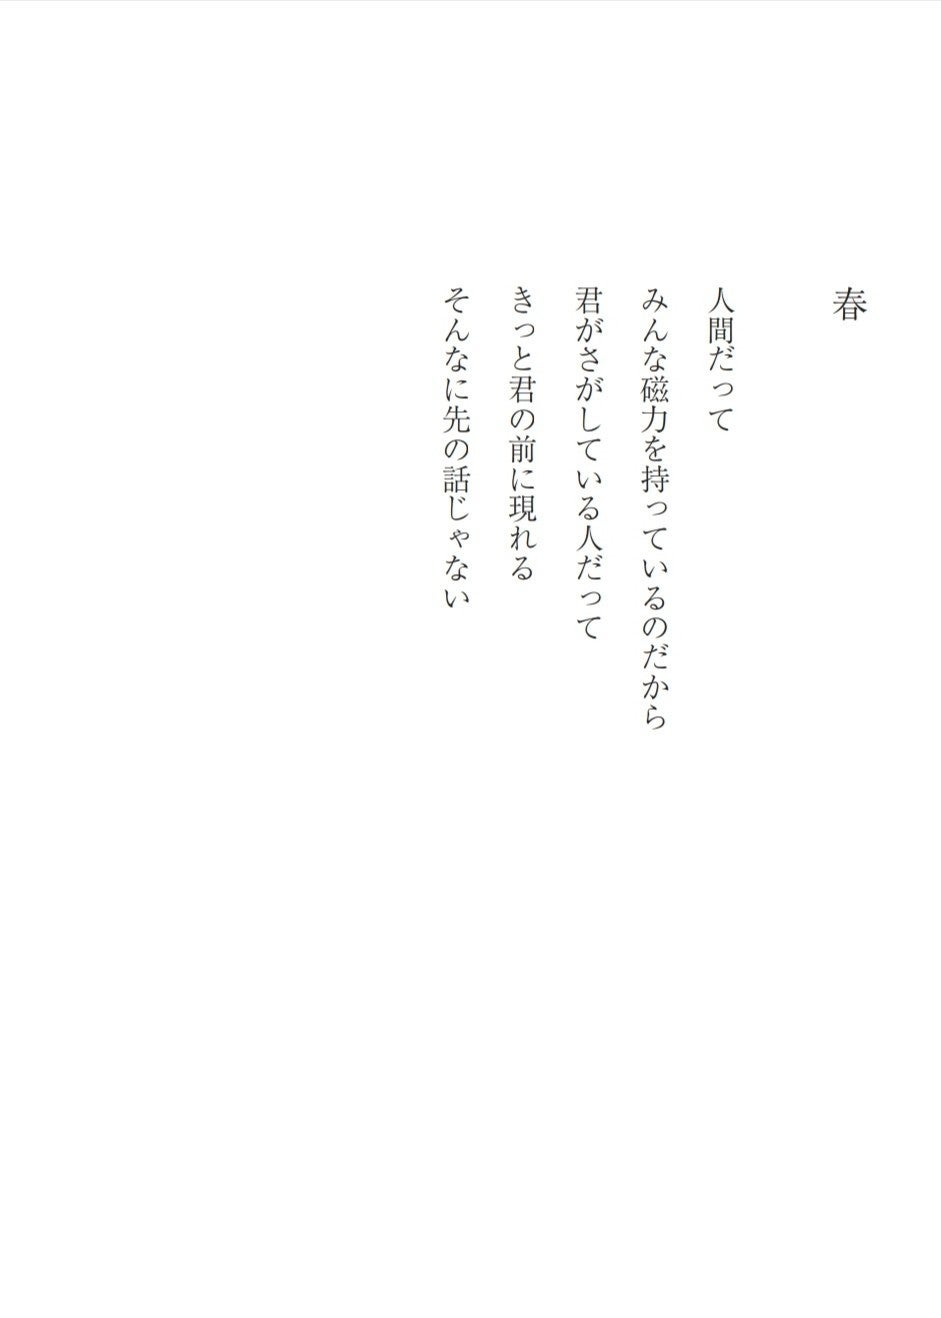 大原鮎美マガジン 詩「春」|Painter kuro|note